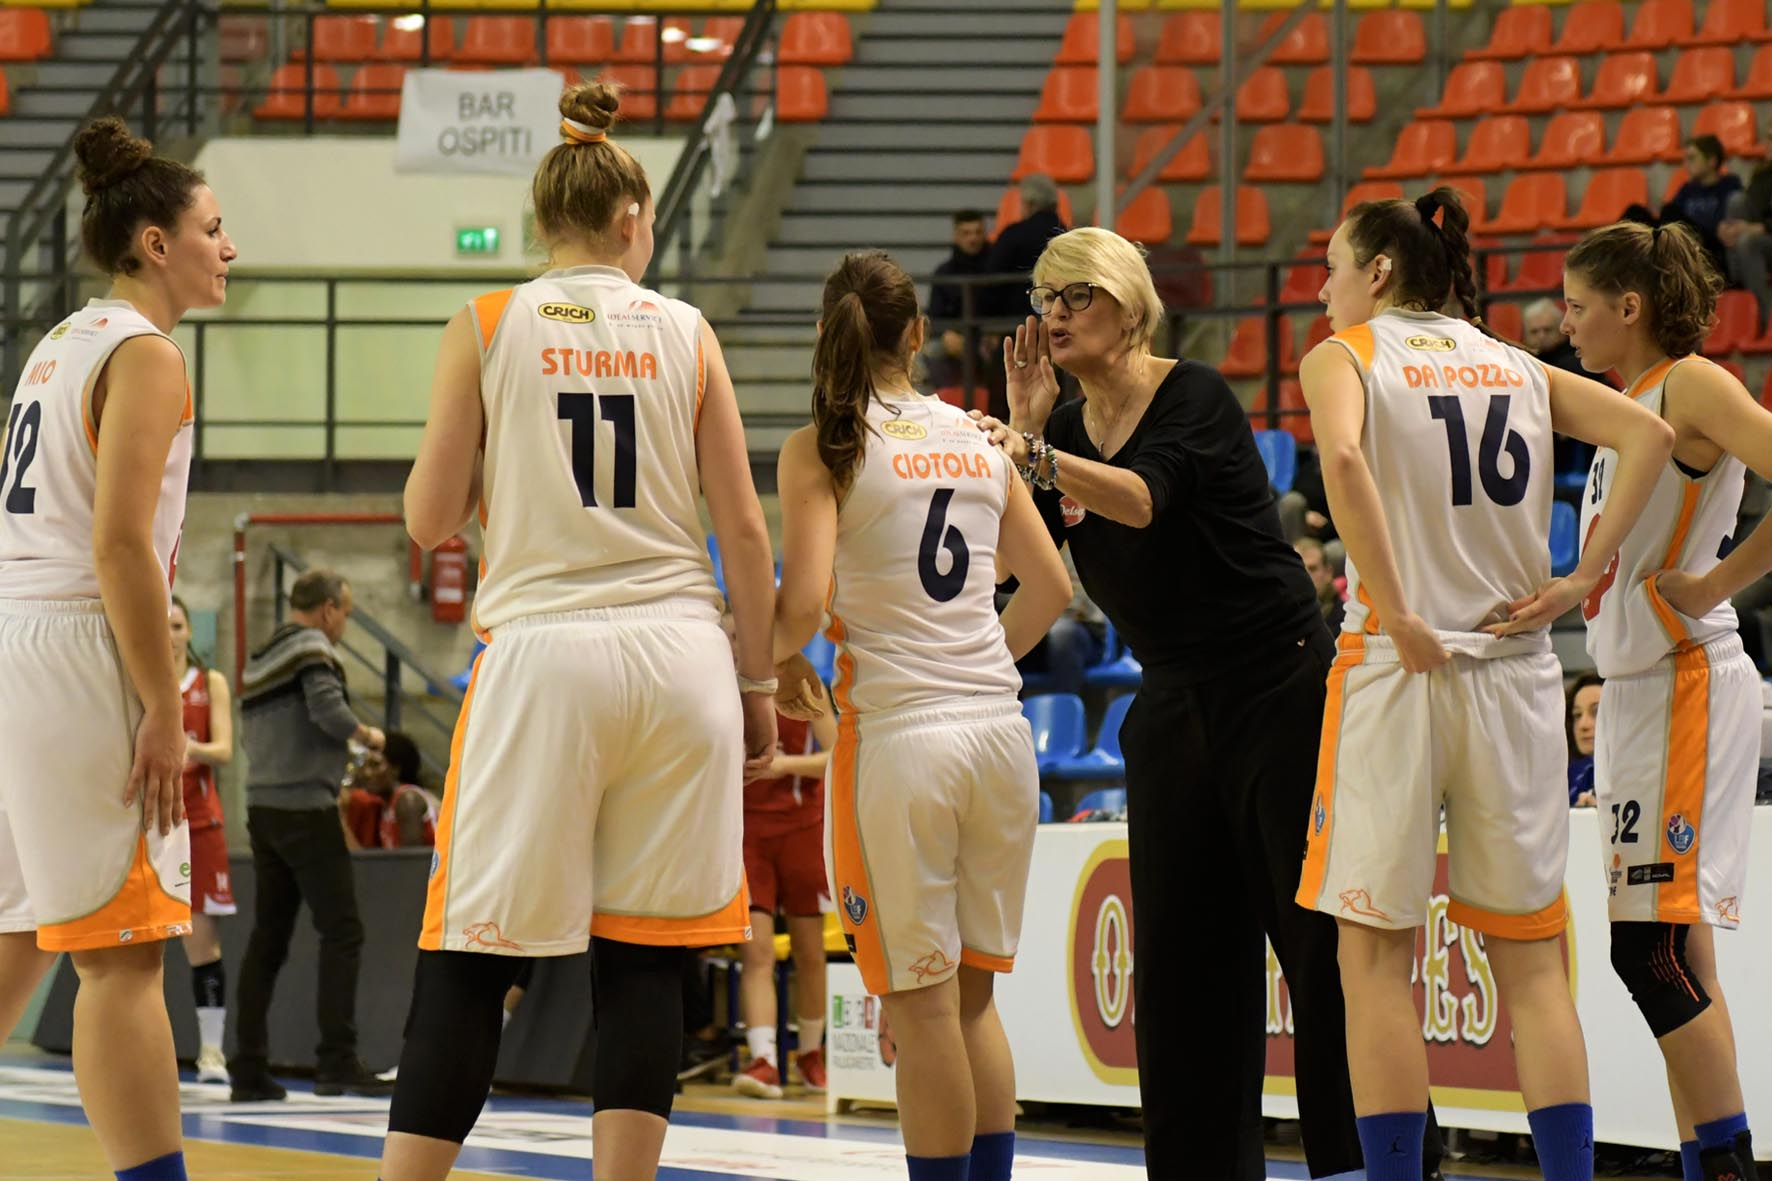 Delser vs Basket Club Bolzano